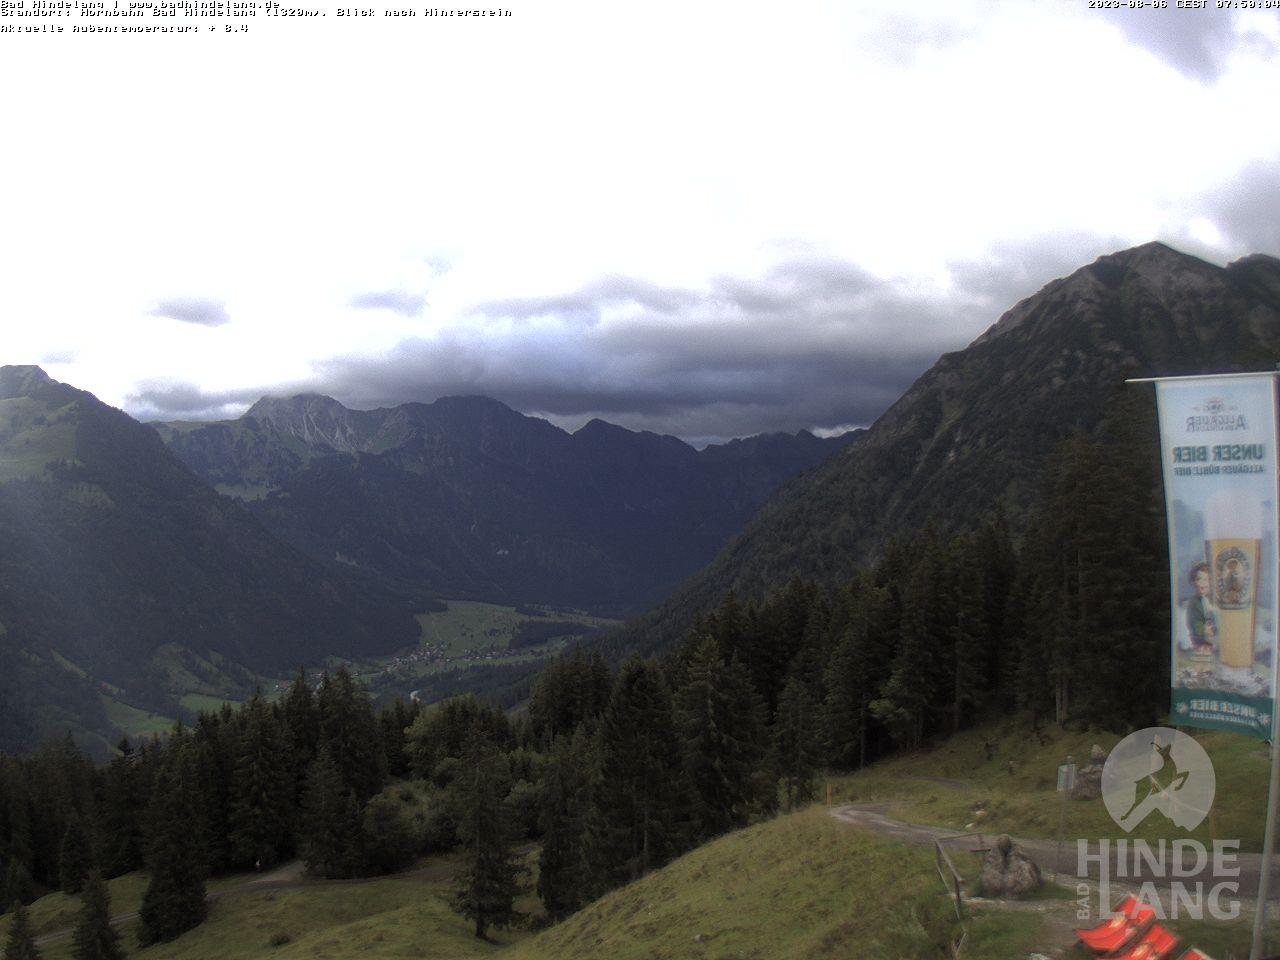 Webcam Hornbahn Hindelang Bergstation mit Blick nach Hinterstein